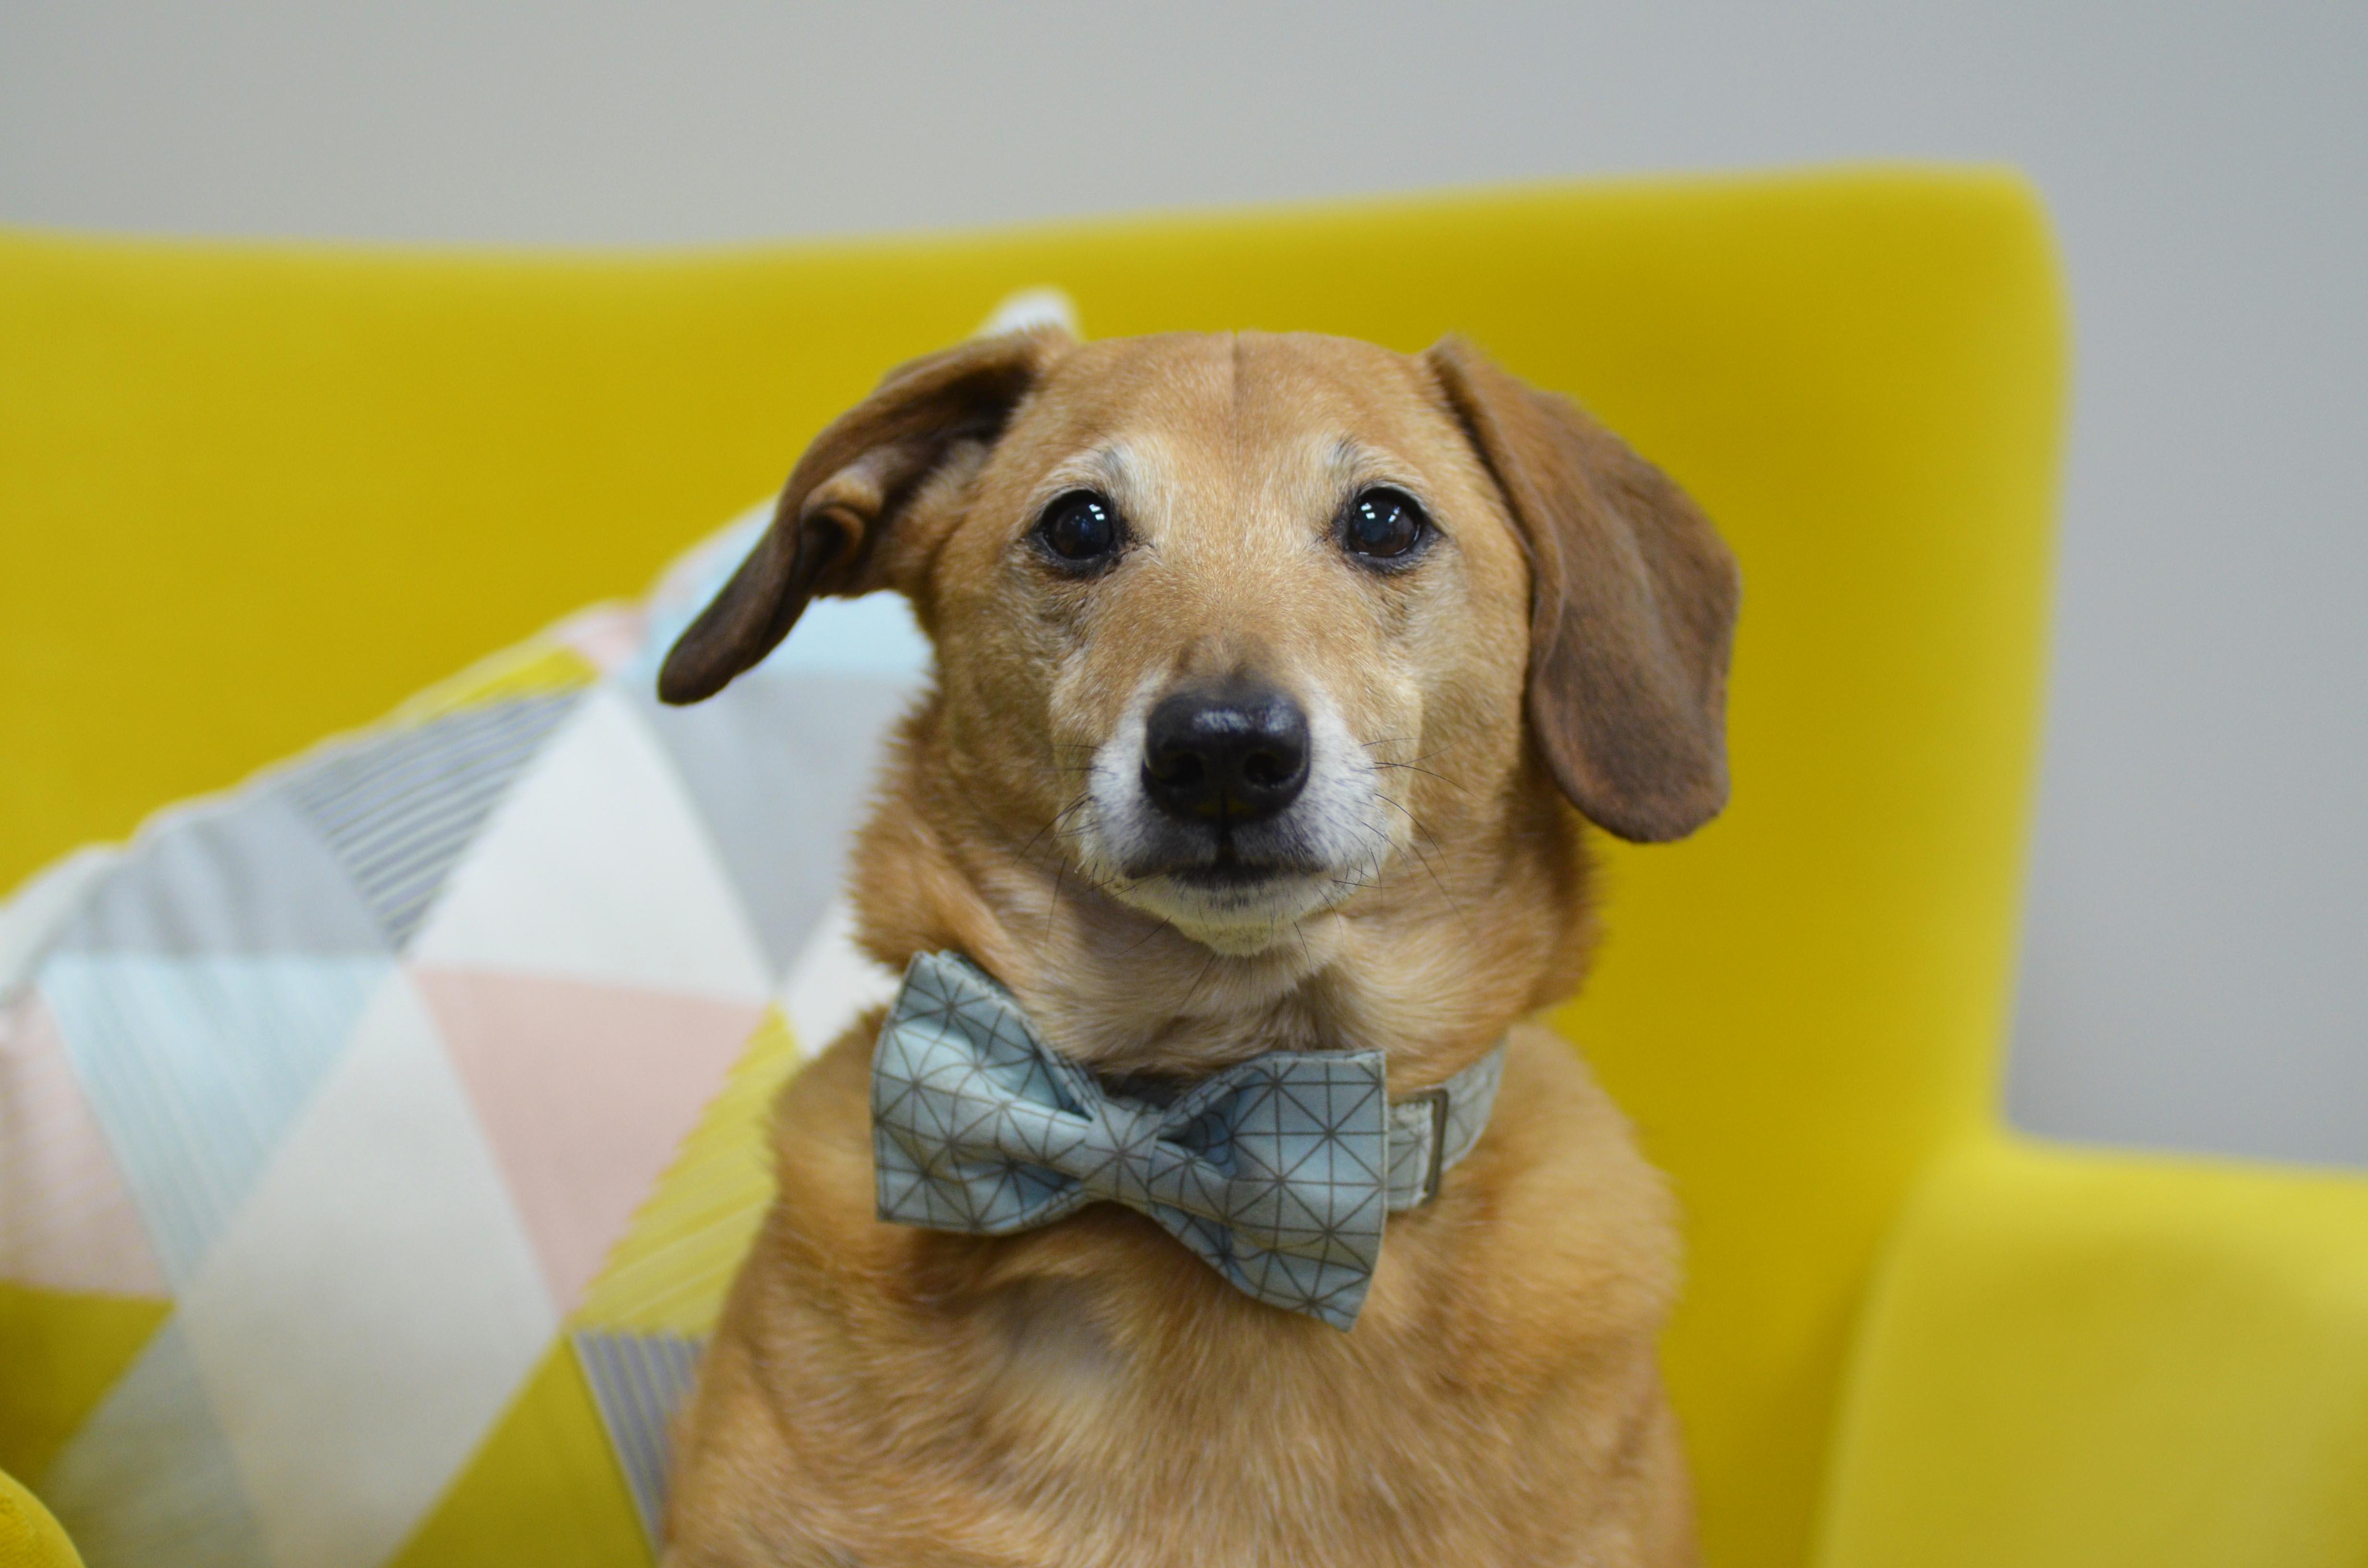 Meet the Team - Louie, The Dog